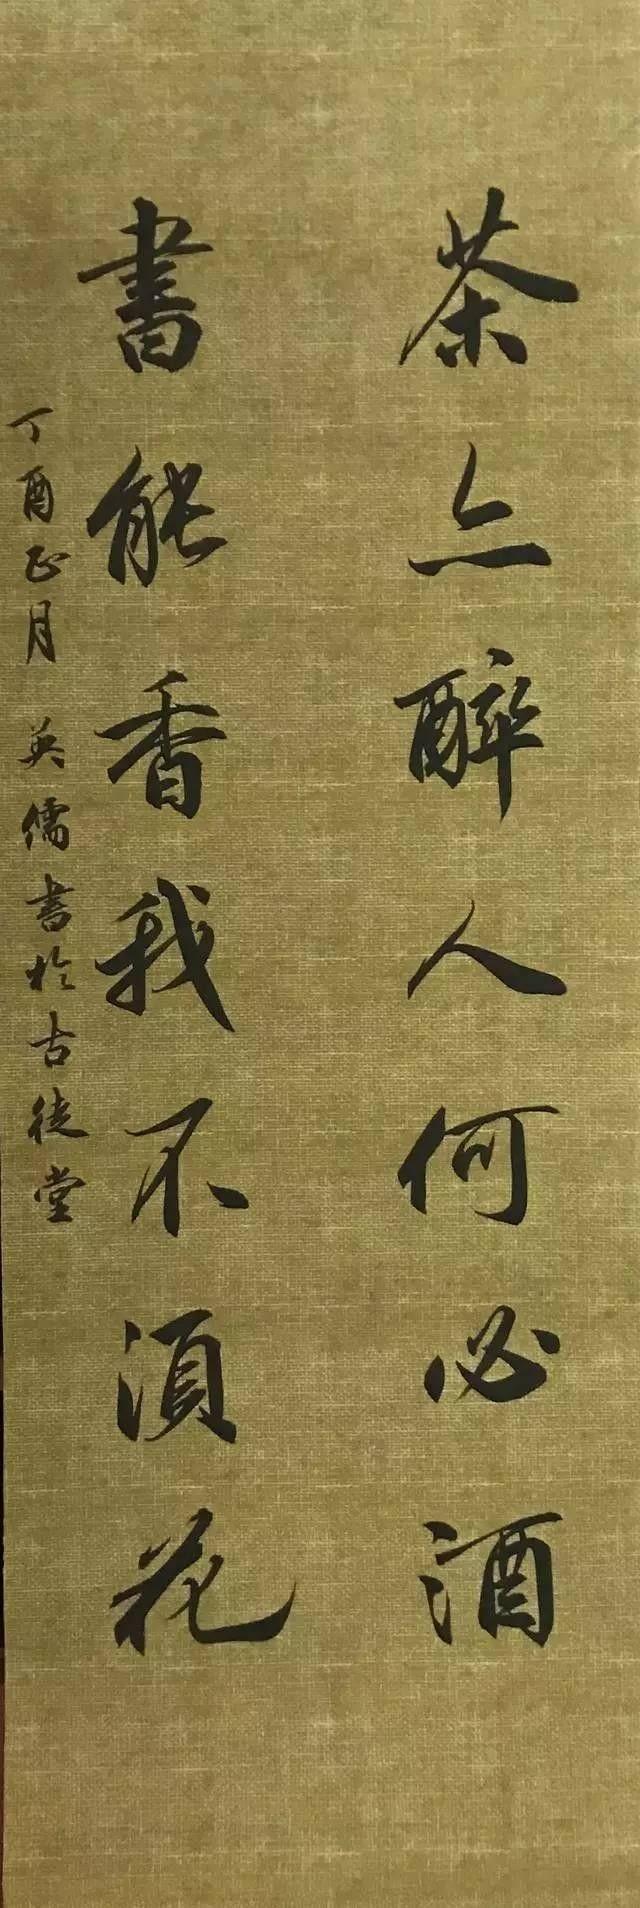 茶也醉人何必酒 书能香我不须花 Chinese Calligraphy Chinese Painting Calligraphy Artwork